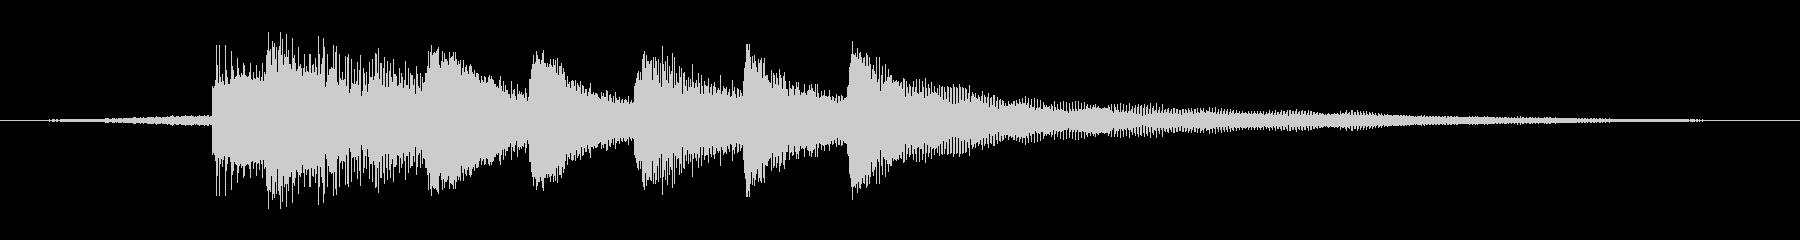 落ち着いたピアノジングル2透明感ニュースの未再生の波形